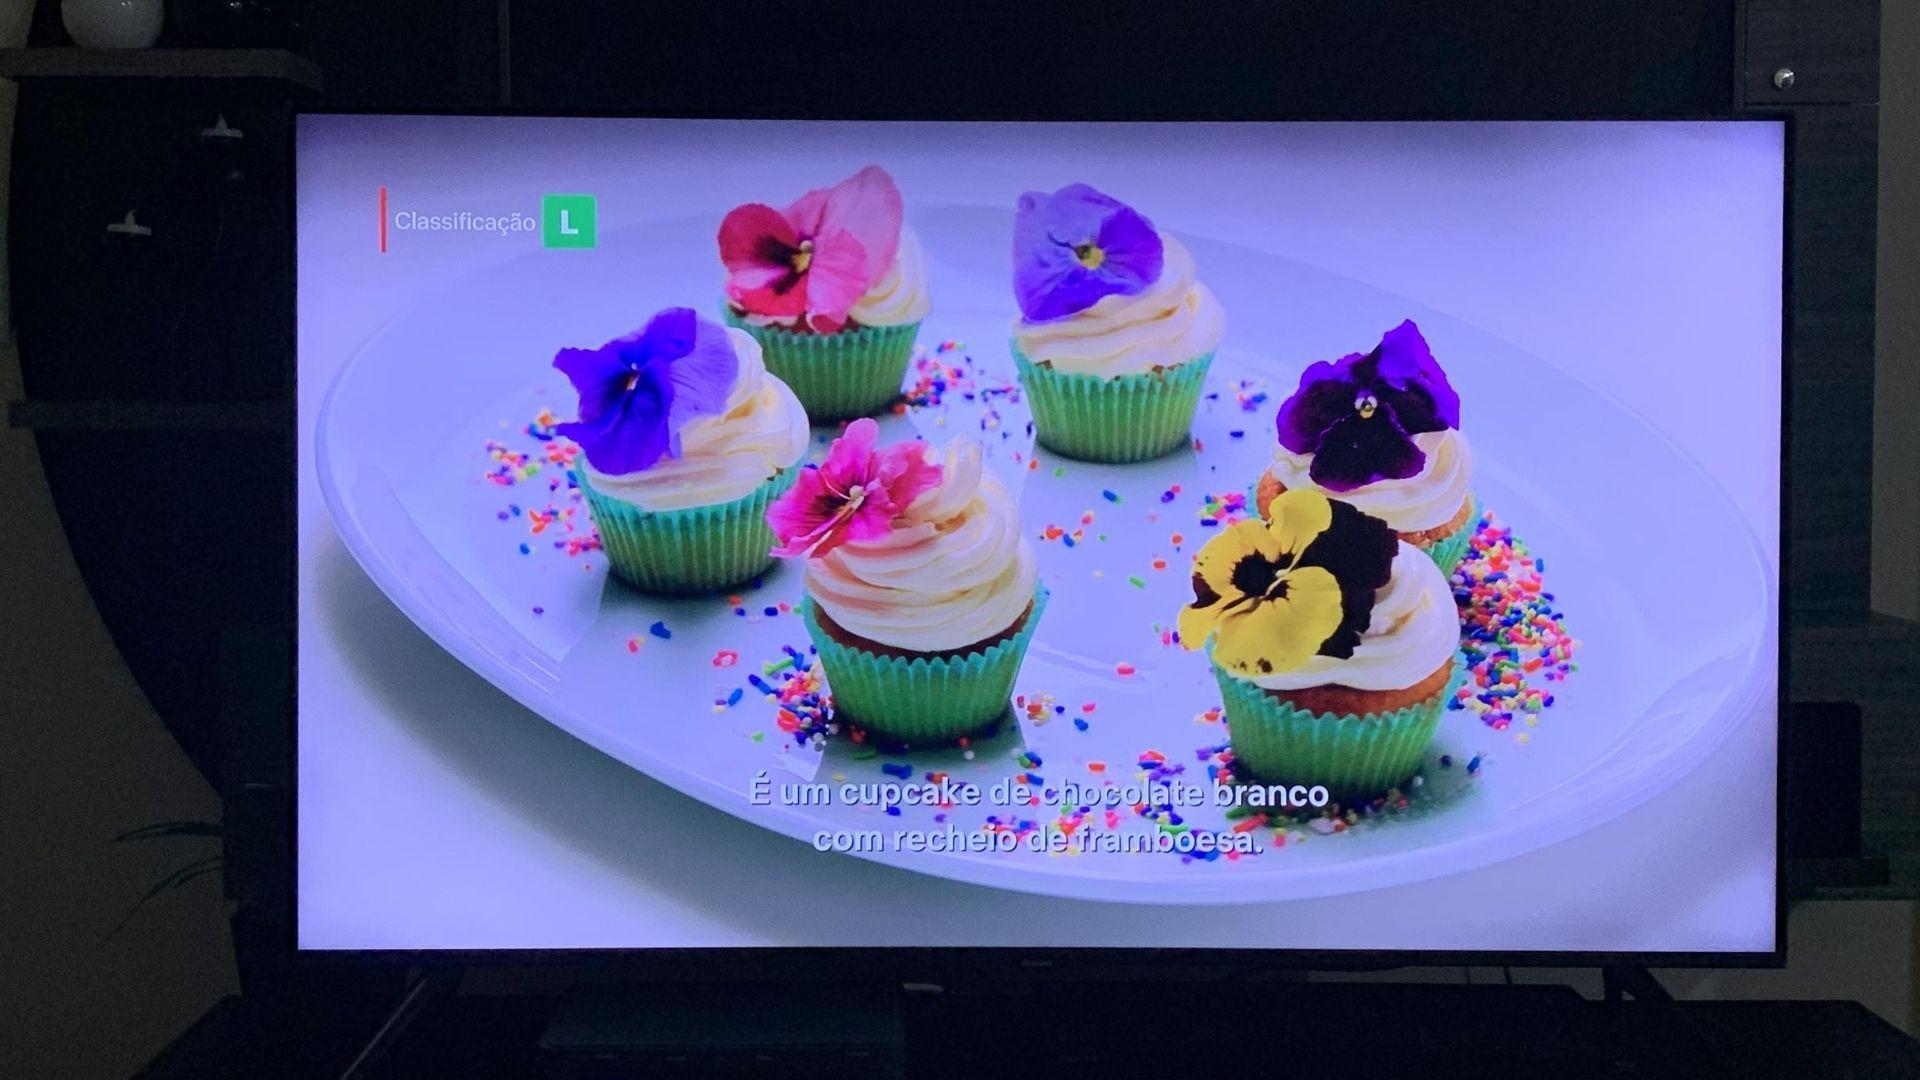 TV Samsung TU8000 vem com processador Crystal UHD que faz com que as imagens fiquem mais claras e próximas à realidade. (Imagem: Yulli Dias/Zoom)